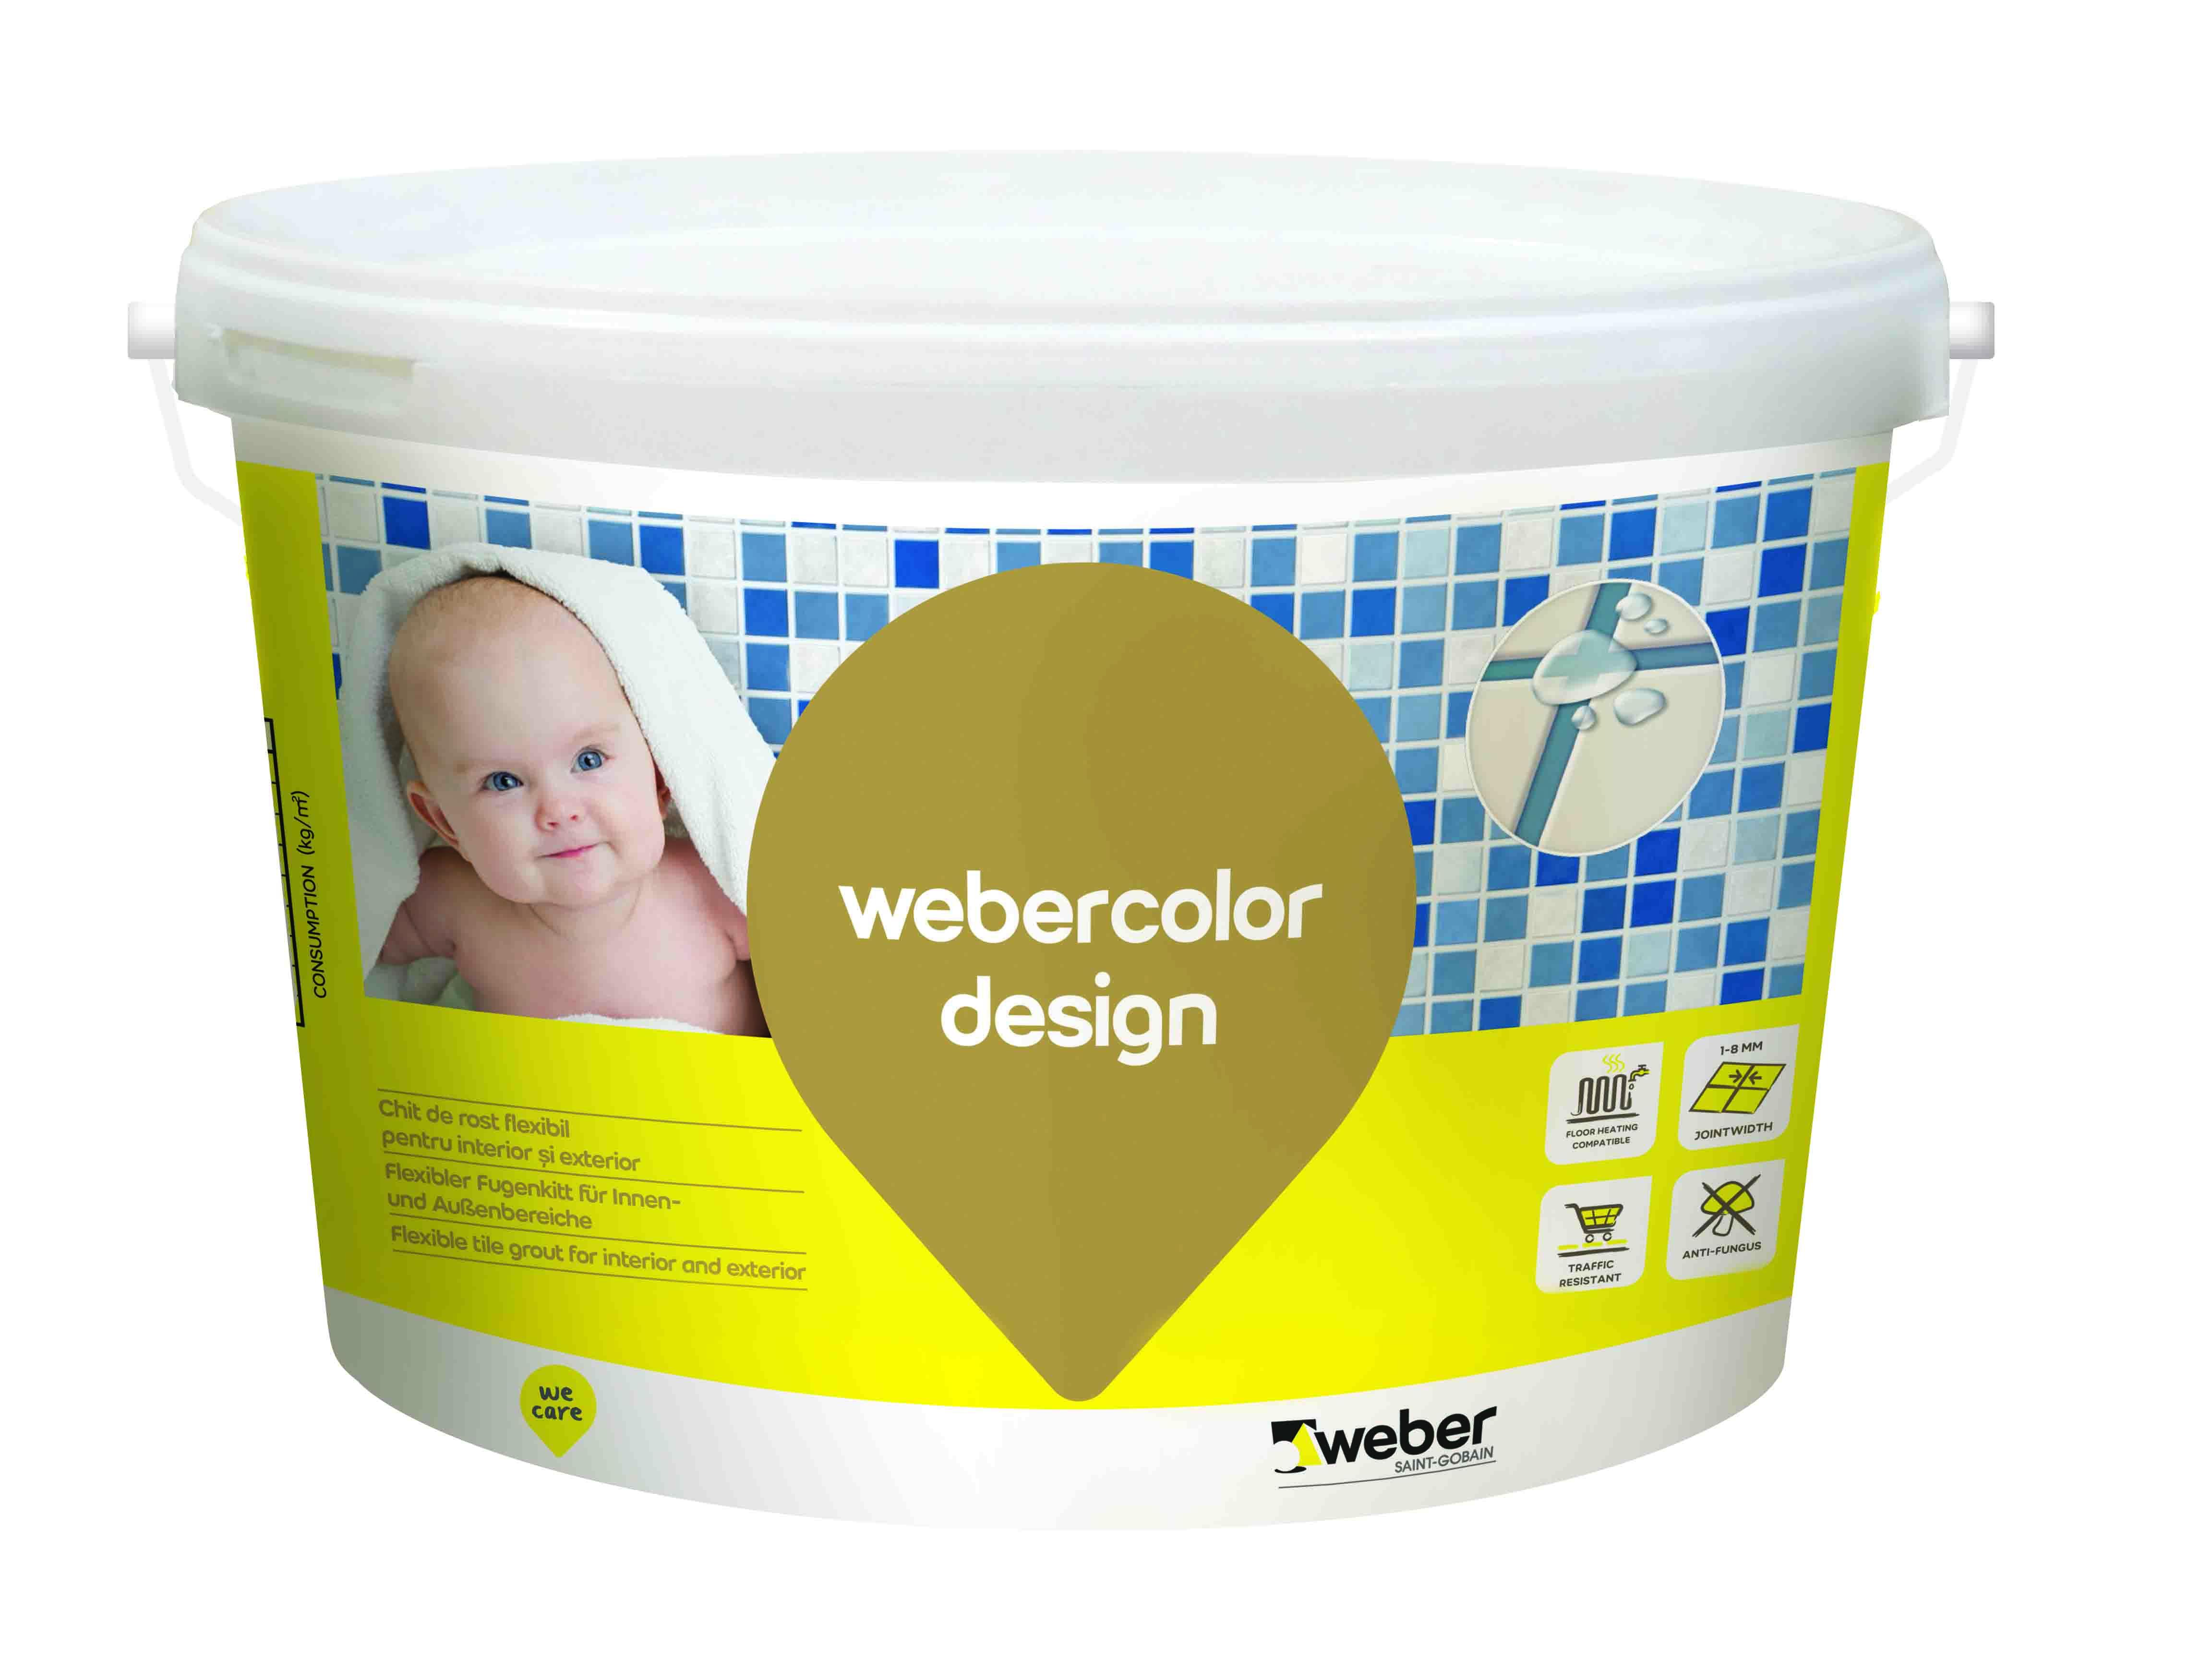 Chit pt rosturi Fuga Weber design alb 5 kg W011